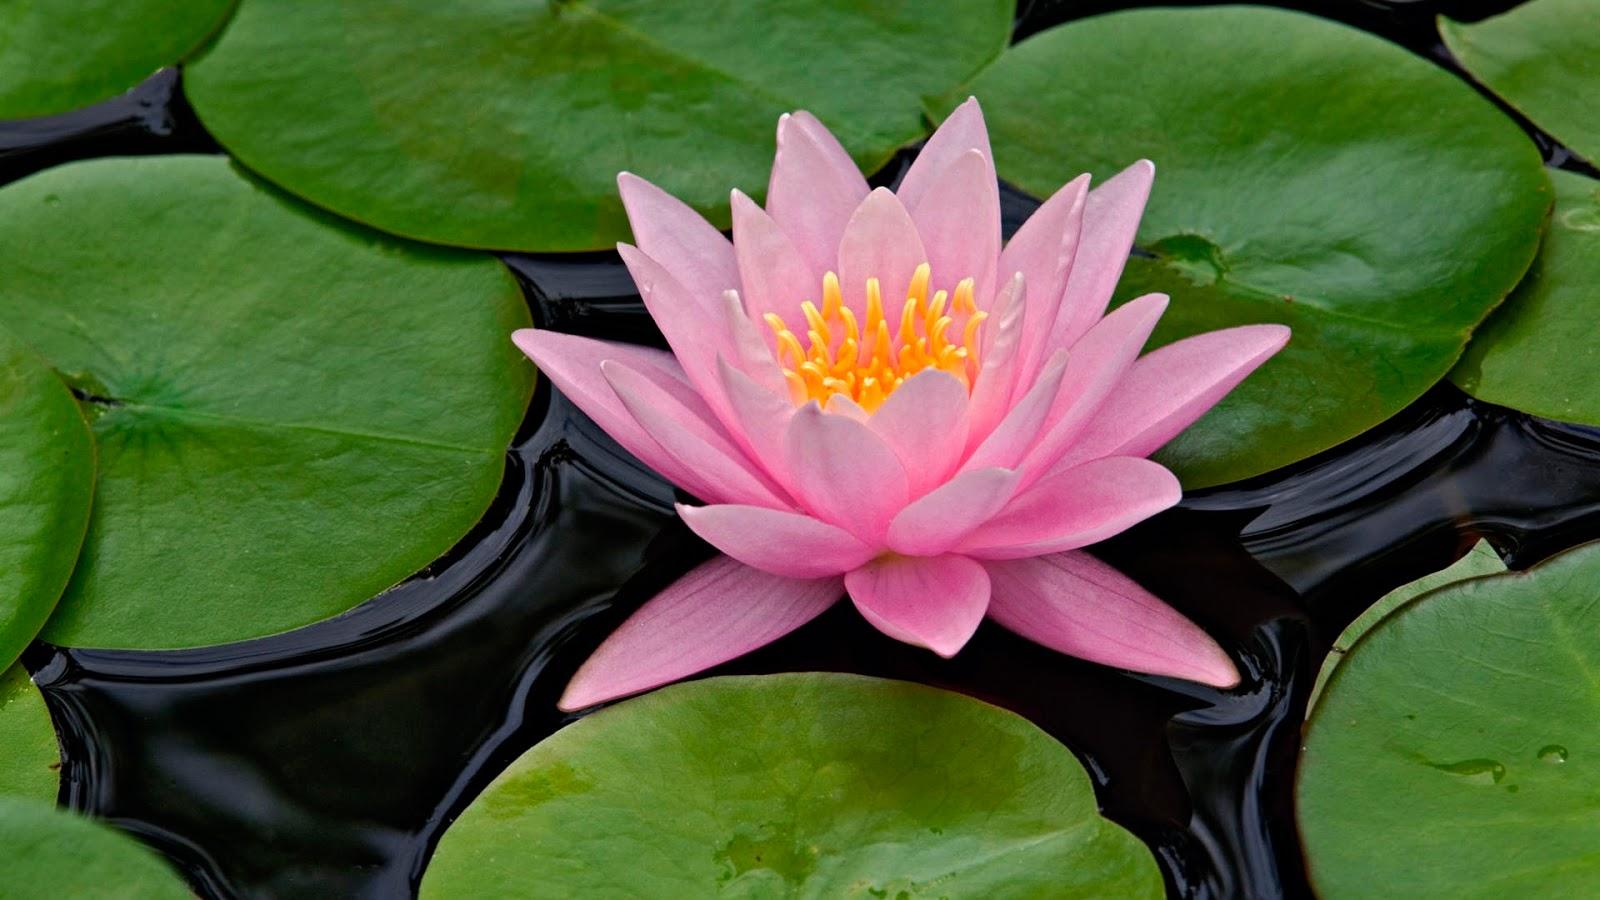 http://1.bp.blogspot.com/-e5lKdnDSMIc/T2CPIujtyVI/AAAAAAAAAuA/0Tbr2AxT6uU/s1600/LotusWallpaper.jpg